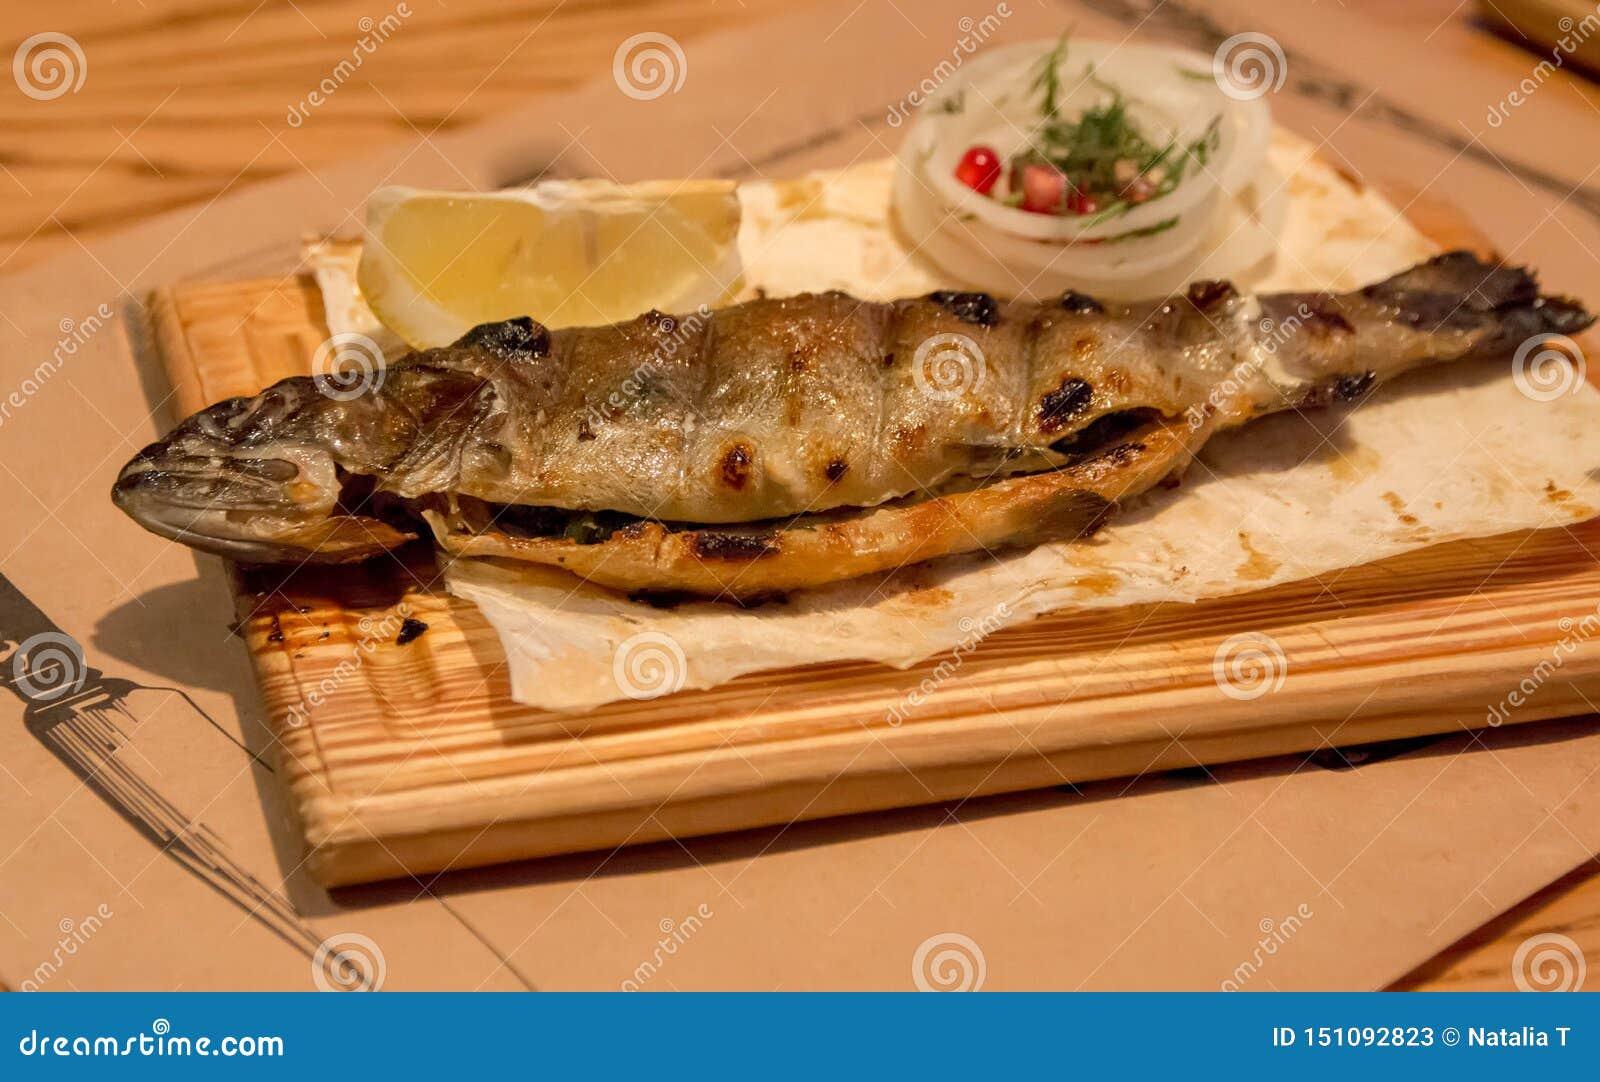 Πέστροφα ψαριών για το γεύμα, σε ένα ξύλινο πιάτο